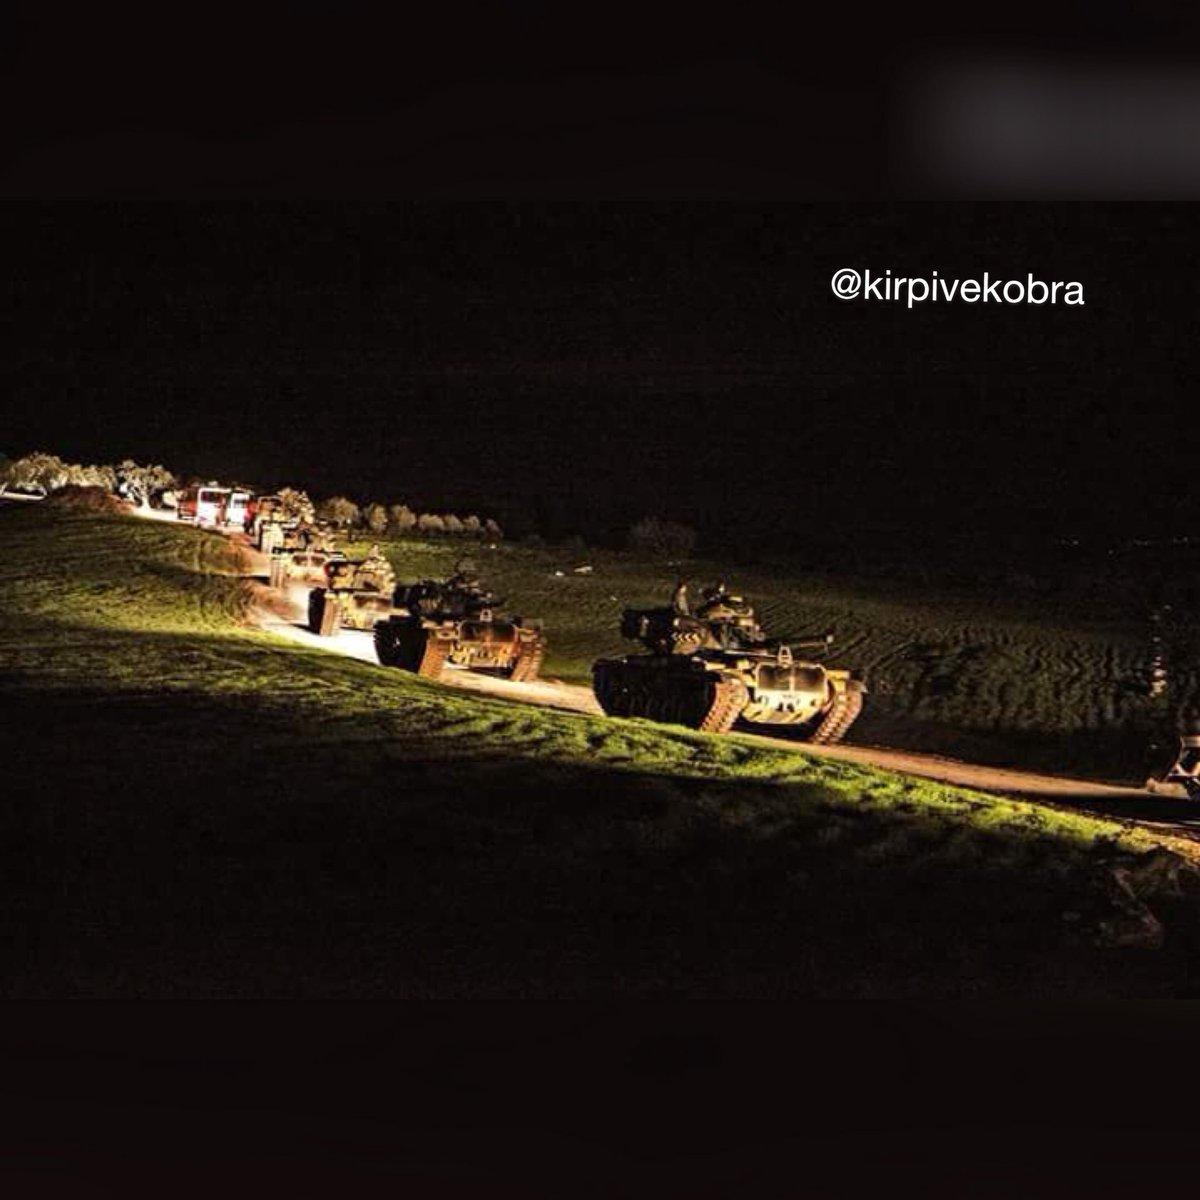 Σε άθλια κατάσταση οι τουρκικές δυνάμεις: Κόλλησαν στις λάσπες στο Αφρίν – Ακάρ και Ρ.Τ.Ερντογάν στο Κέντρο Επιχειρήσεων: Στέλνουν την αφρόκρεμα των ειδικών δυνάμεων - Εικόνα11